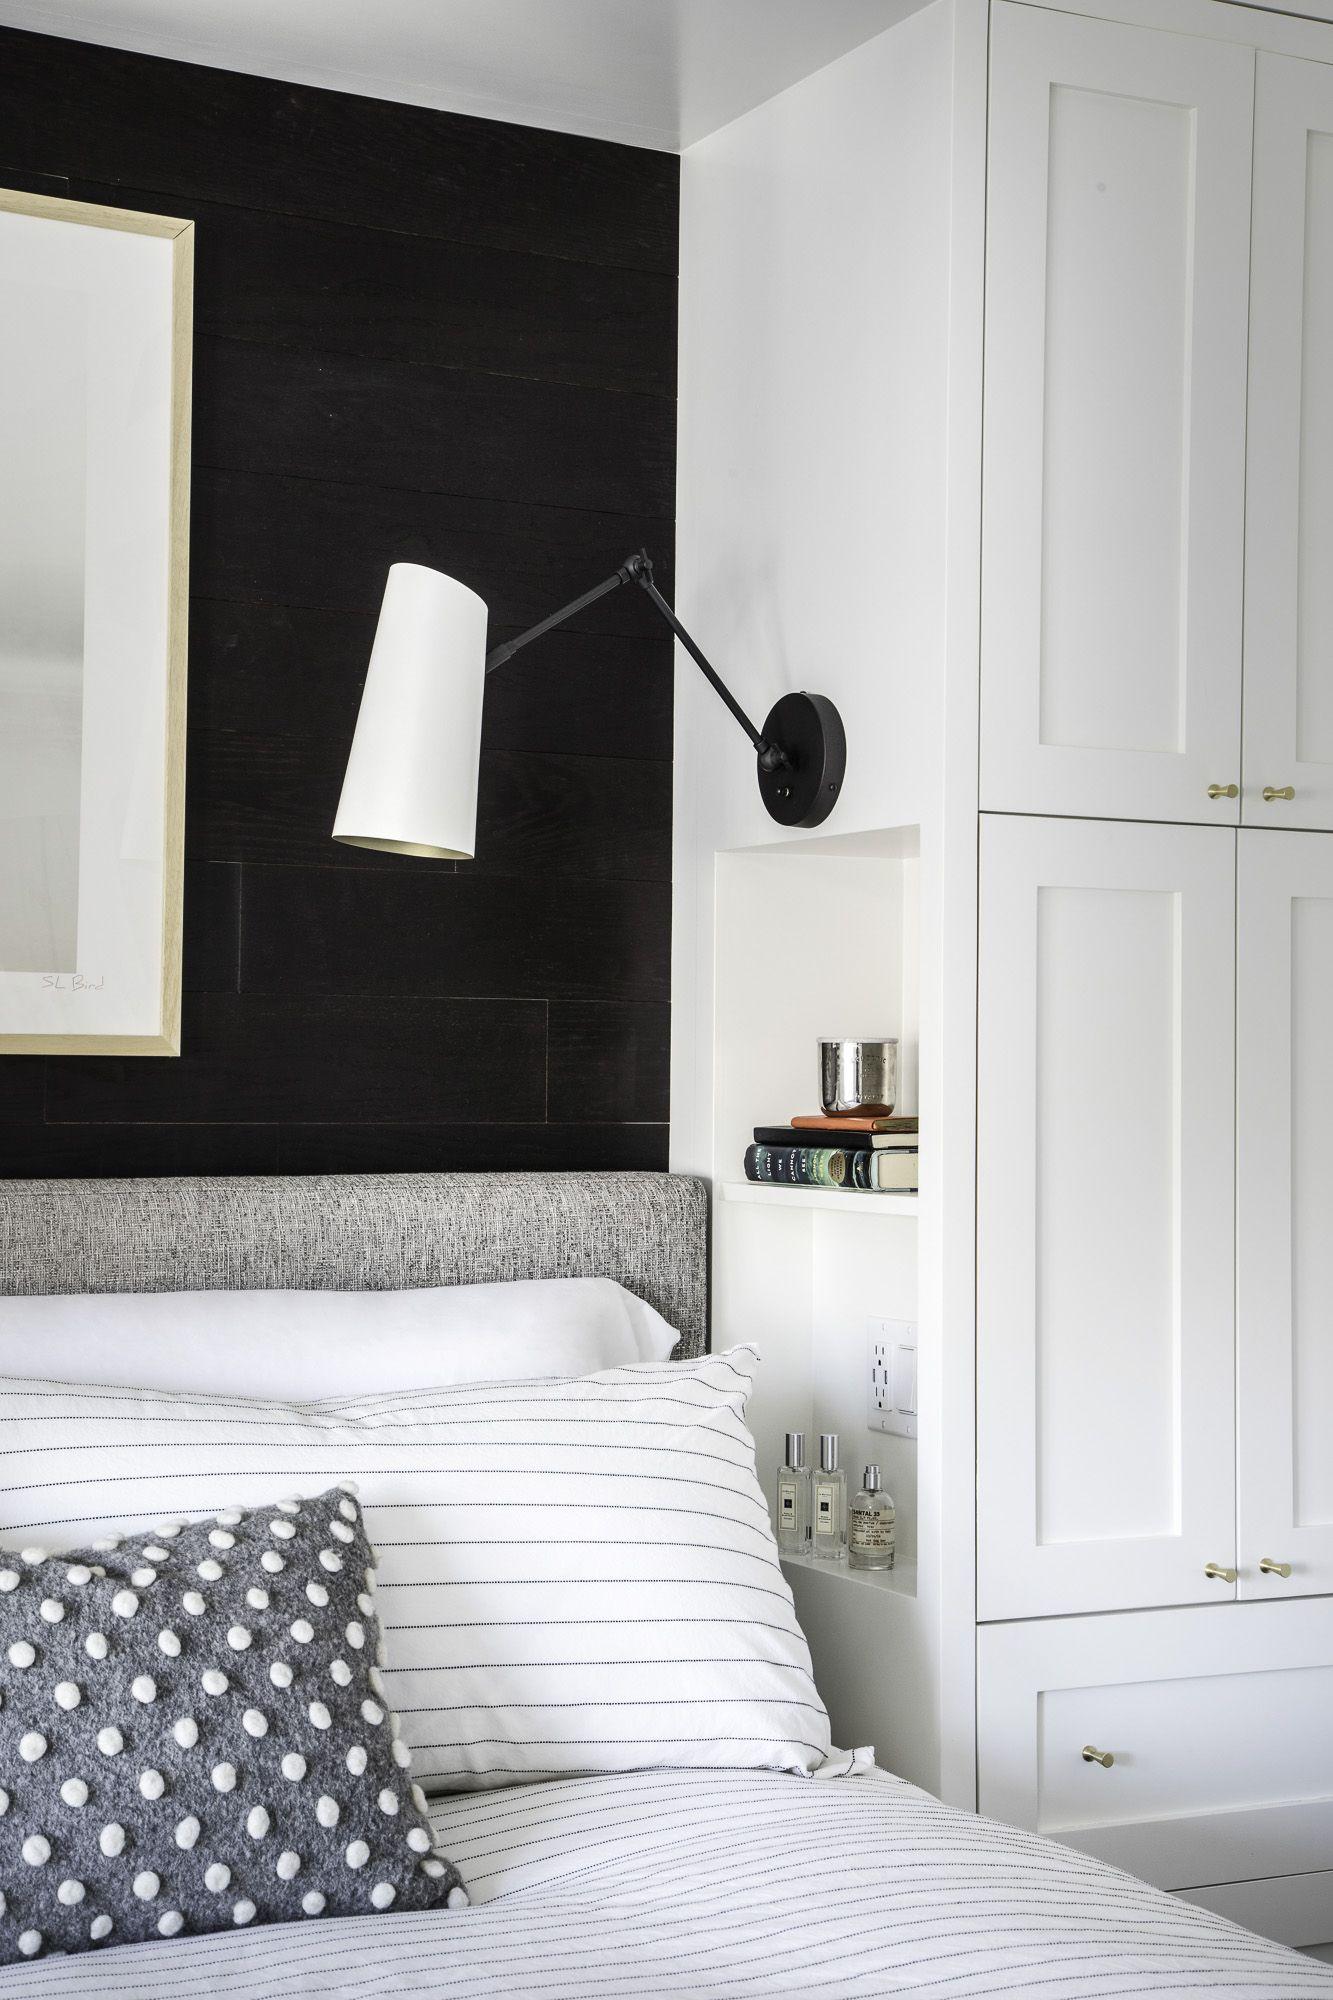 Master Bedroom Niche West village apartment, Niche